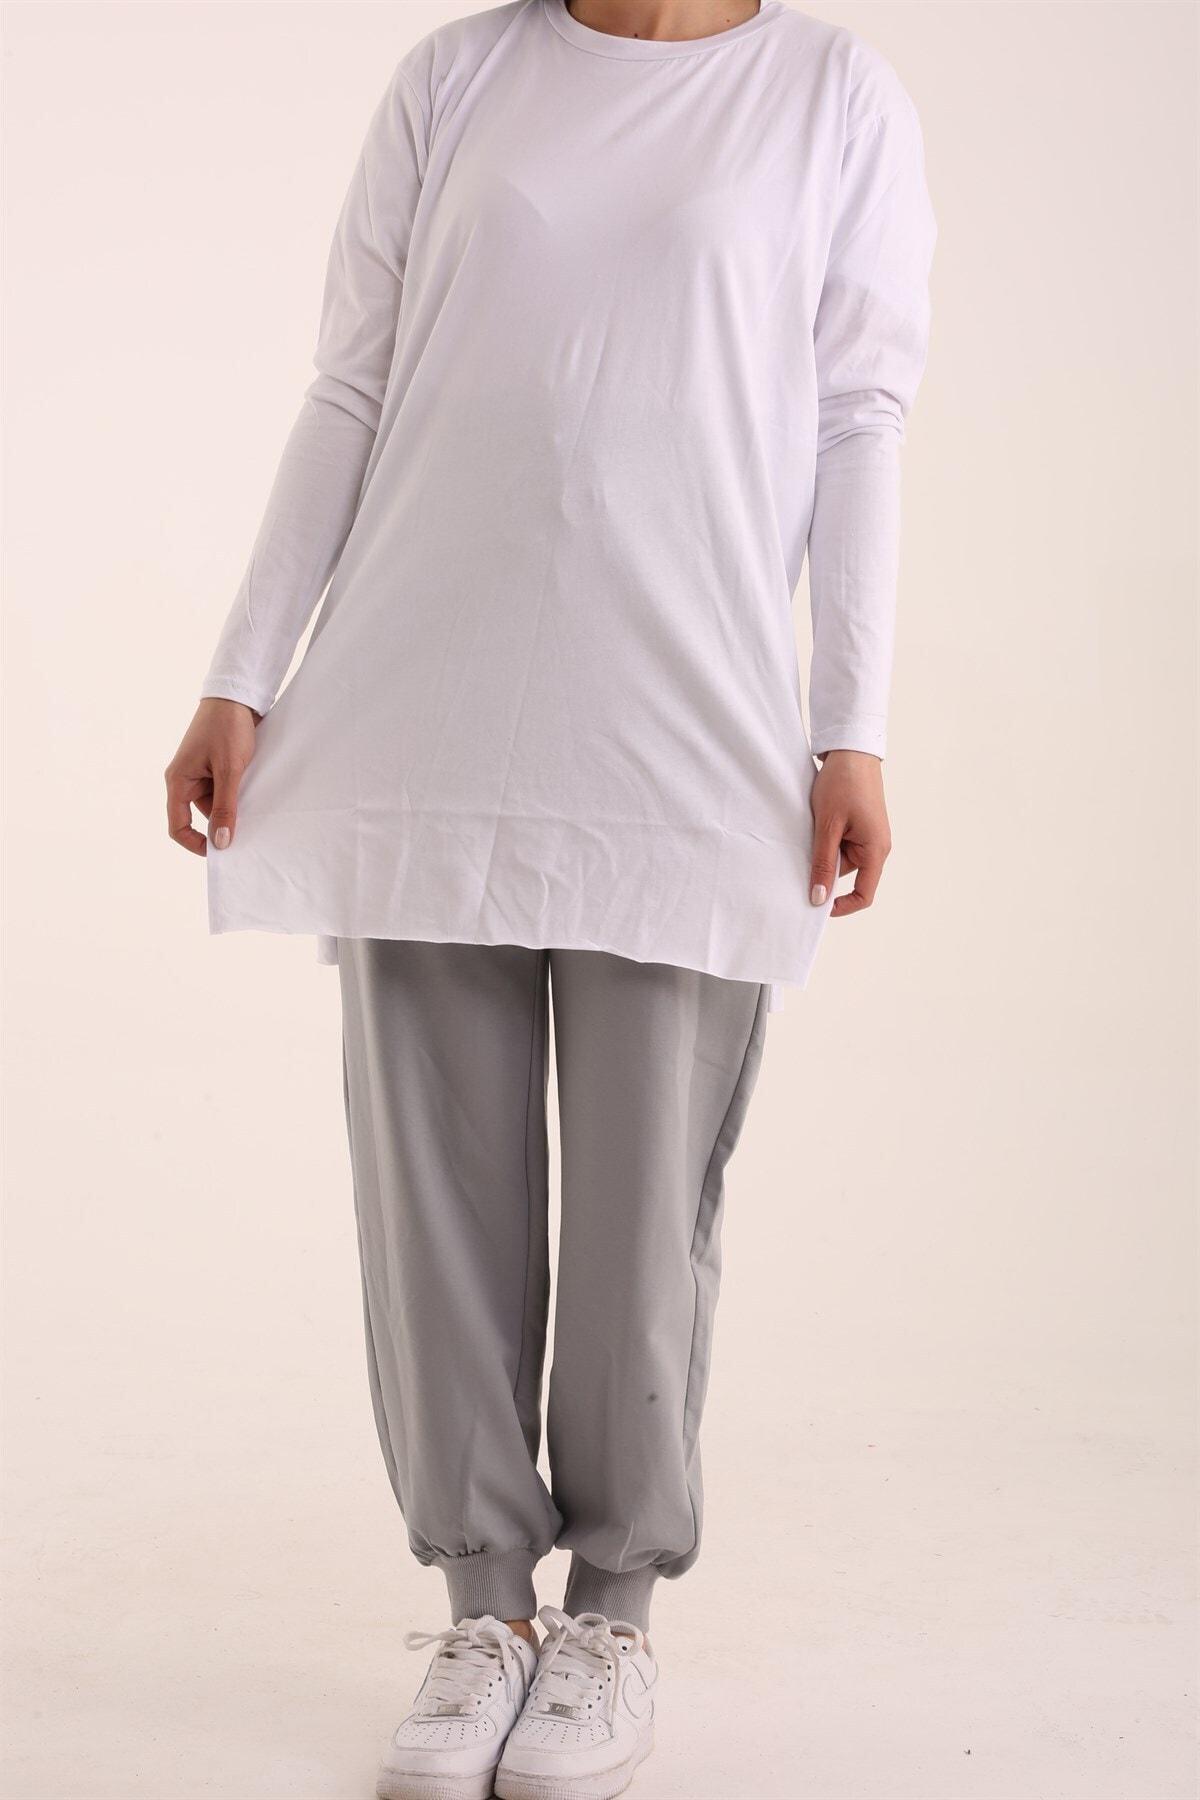 Kadın Uzun Kol Içlik- Beyaz